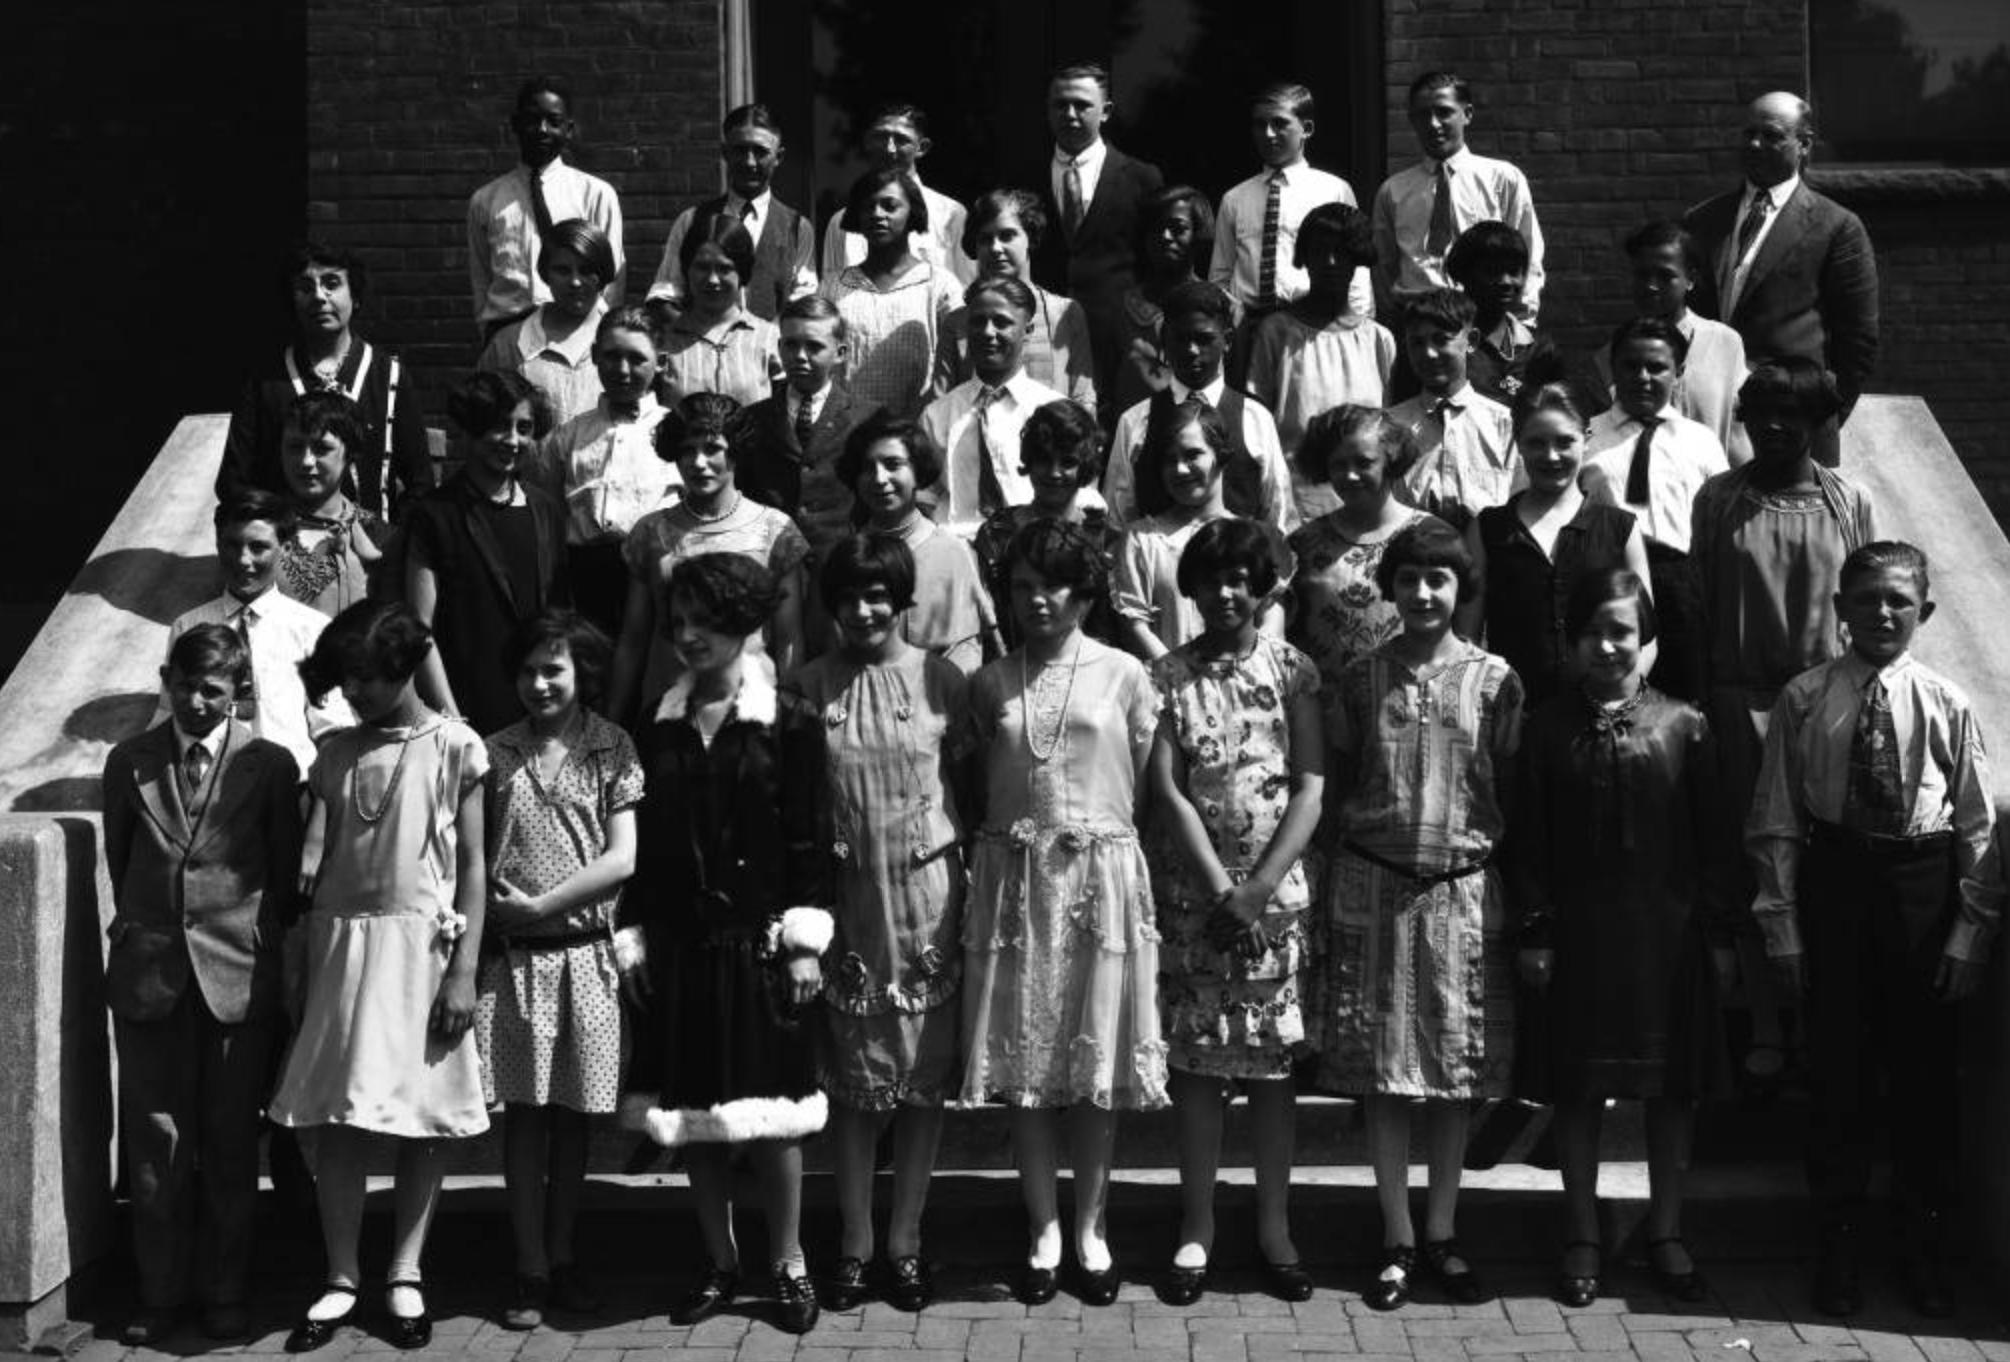 1926 Kellom School, North Omaha, Nebraska